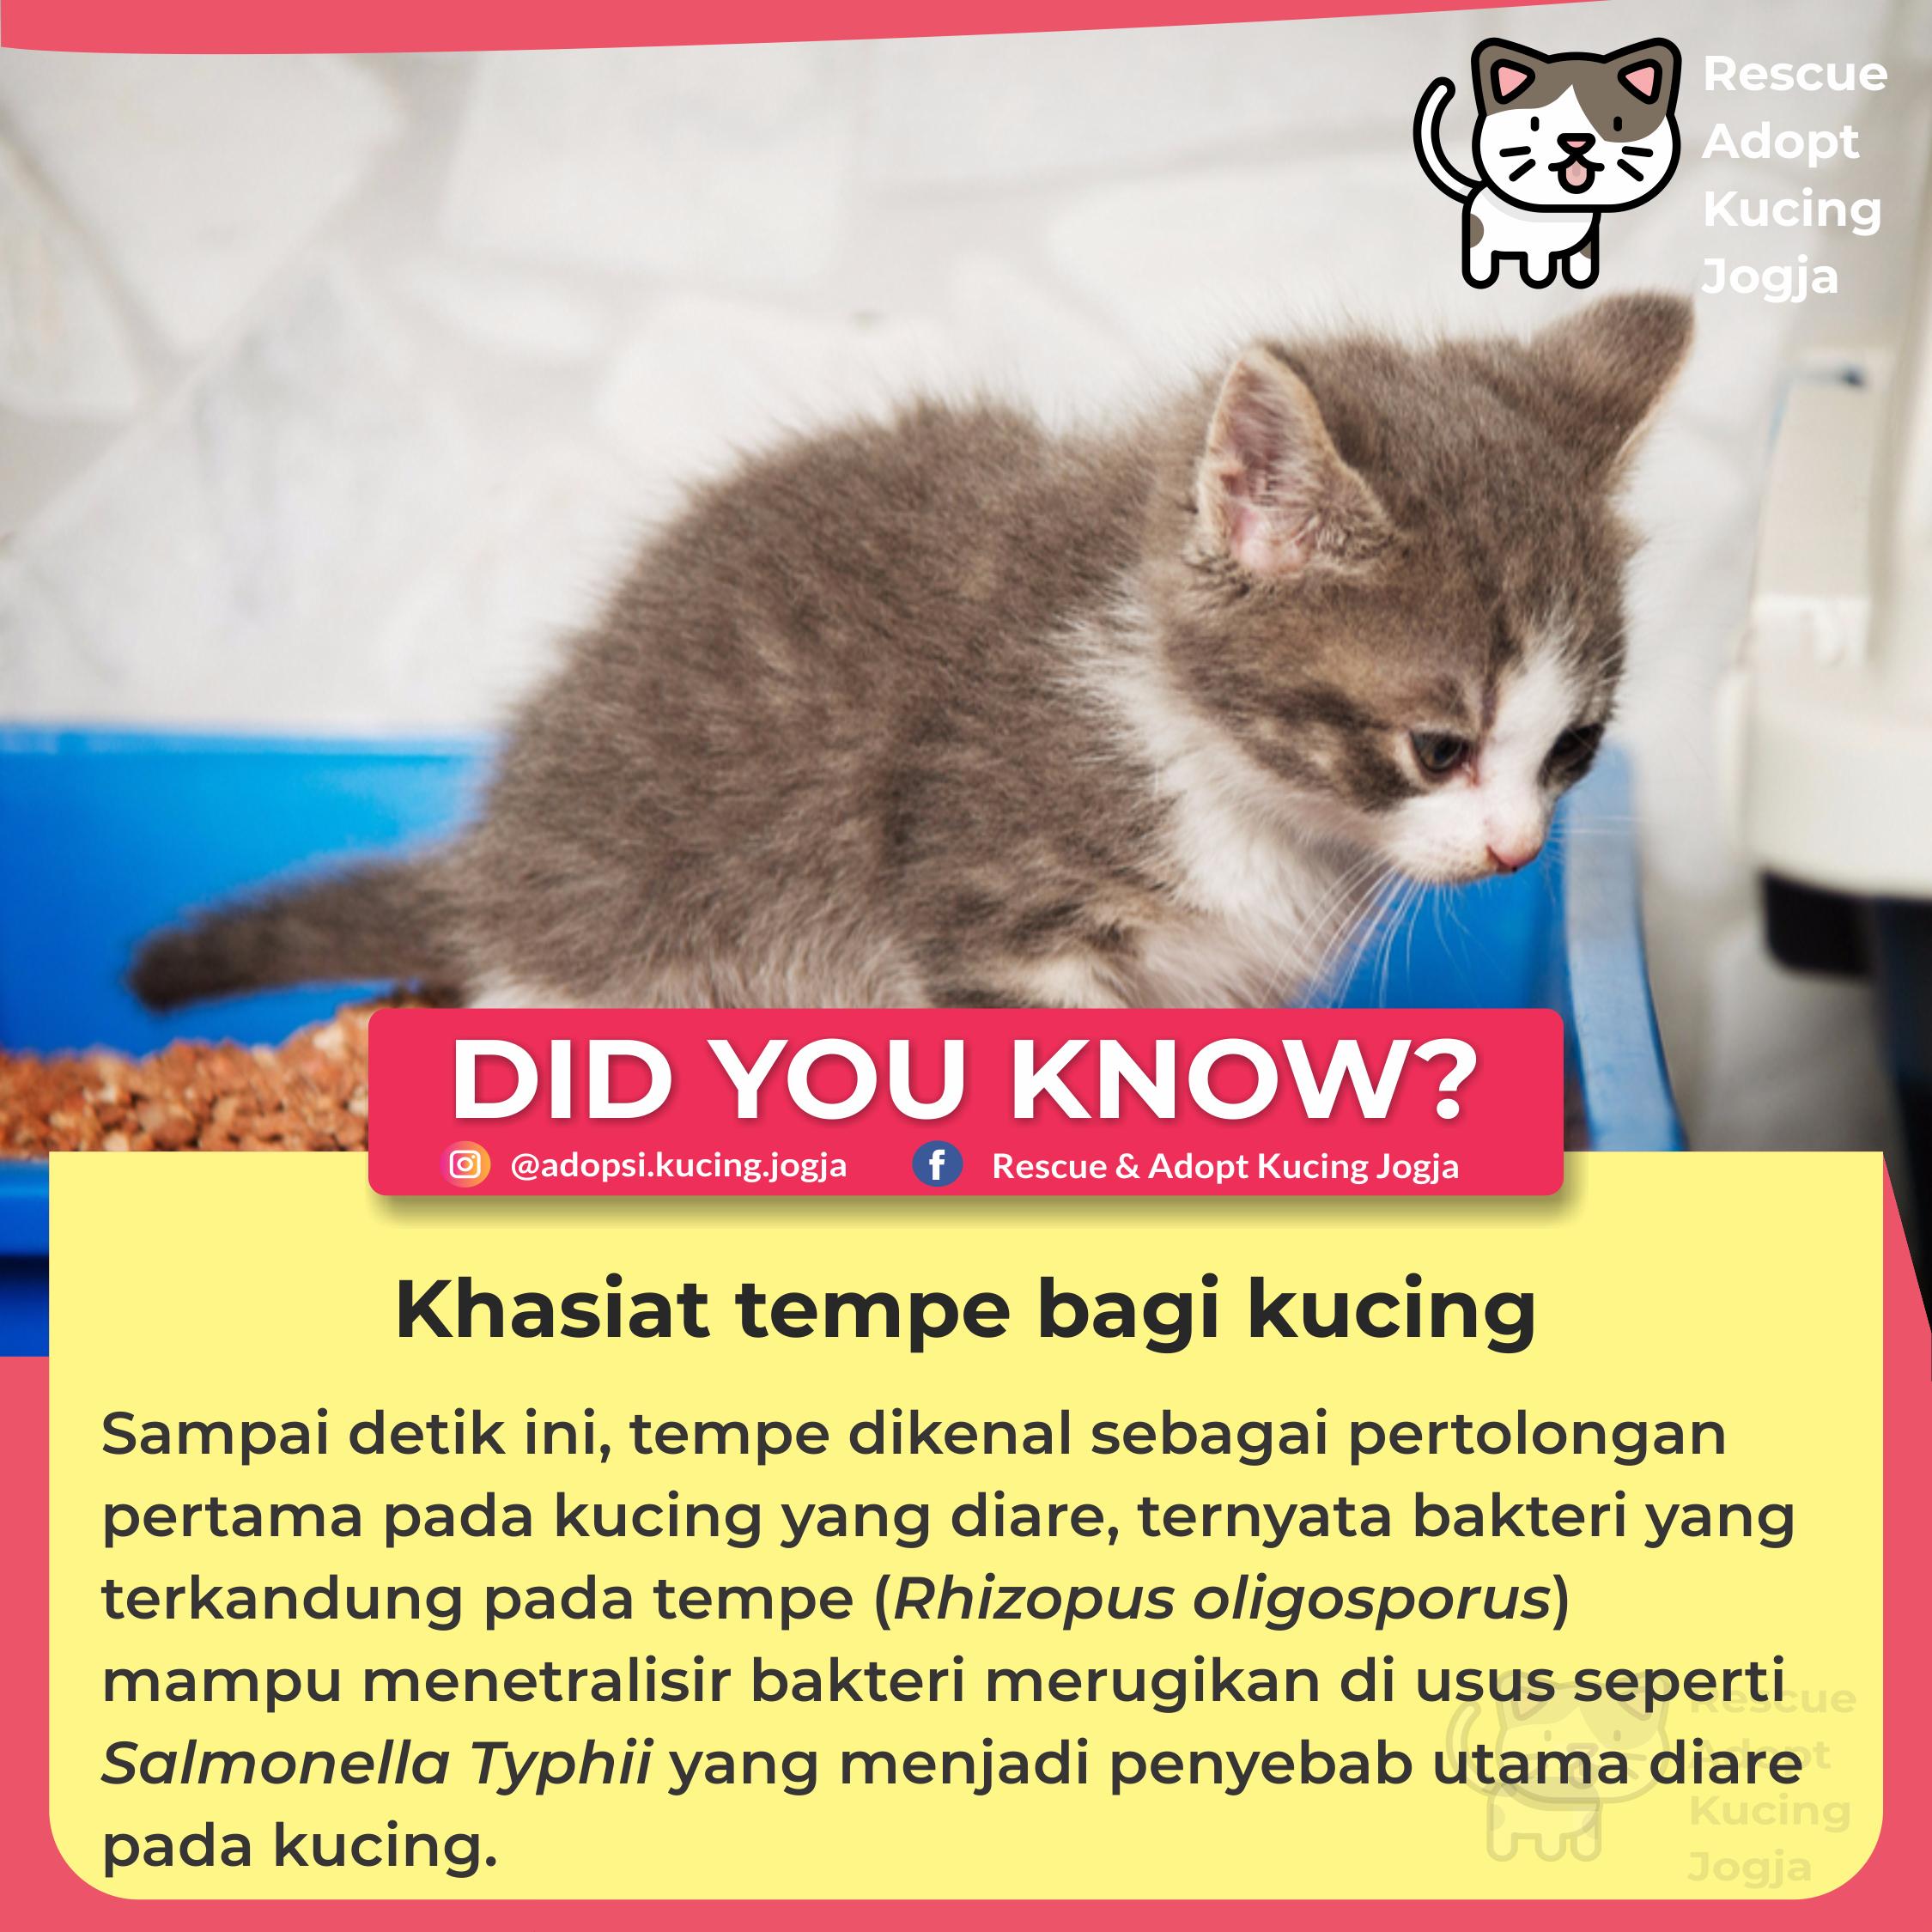 Khasiat Tempe Bagi Kucing Cat Rescue